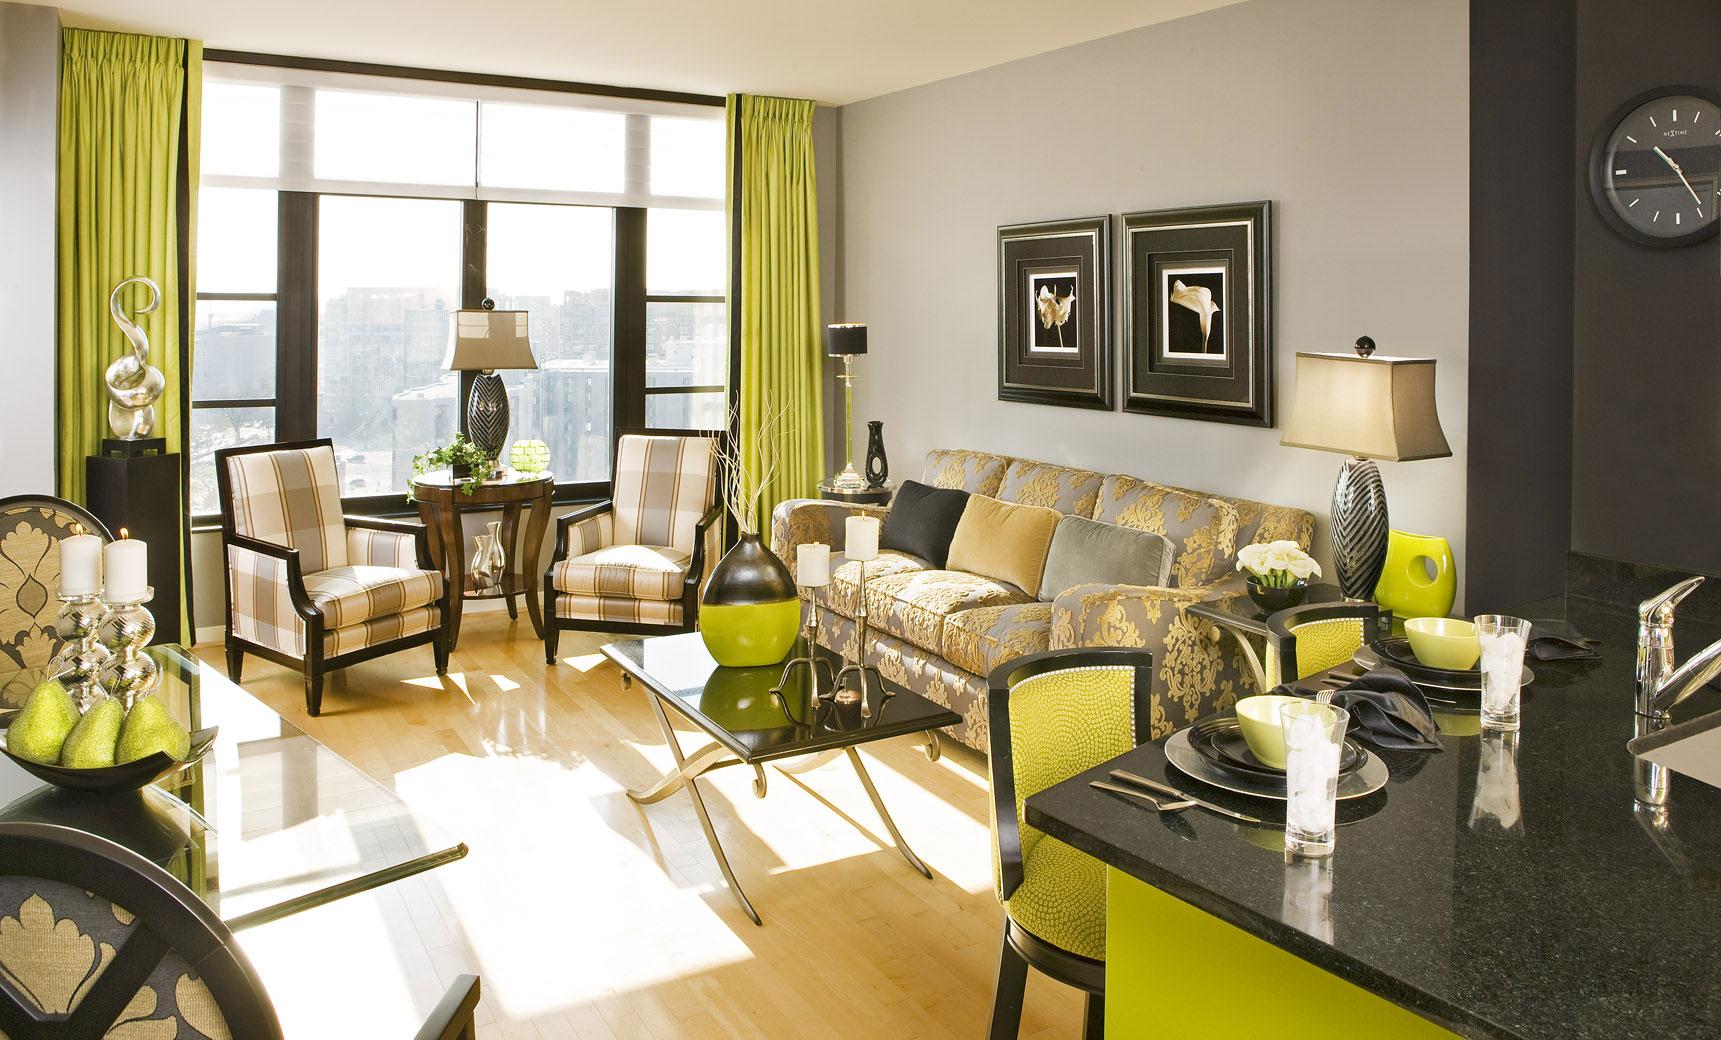 Living-and-Dining-Interior-Design-12 exempel på vardagsrum-matsal inredning att kolla in